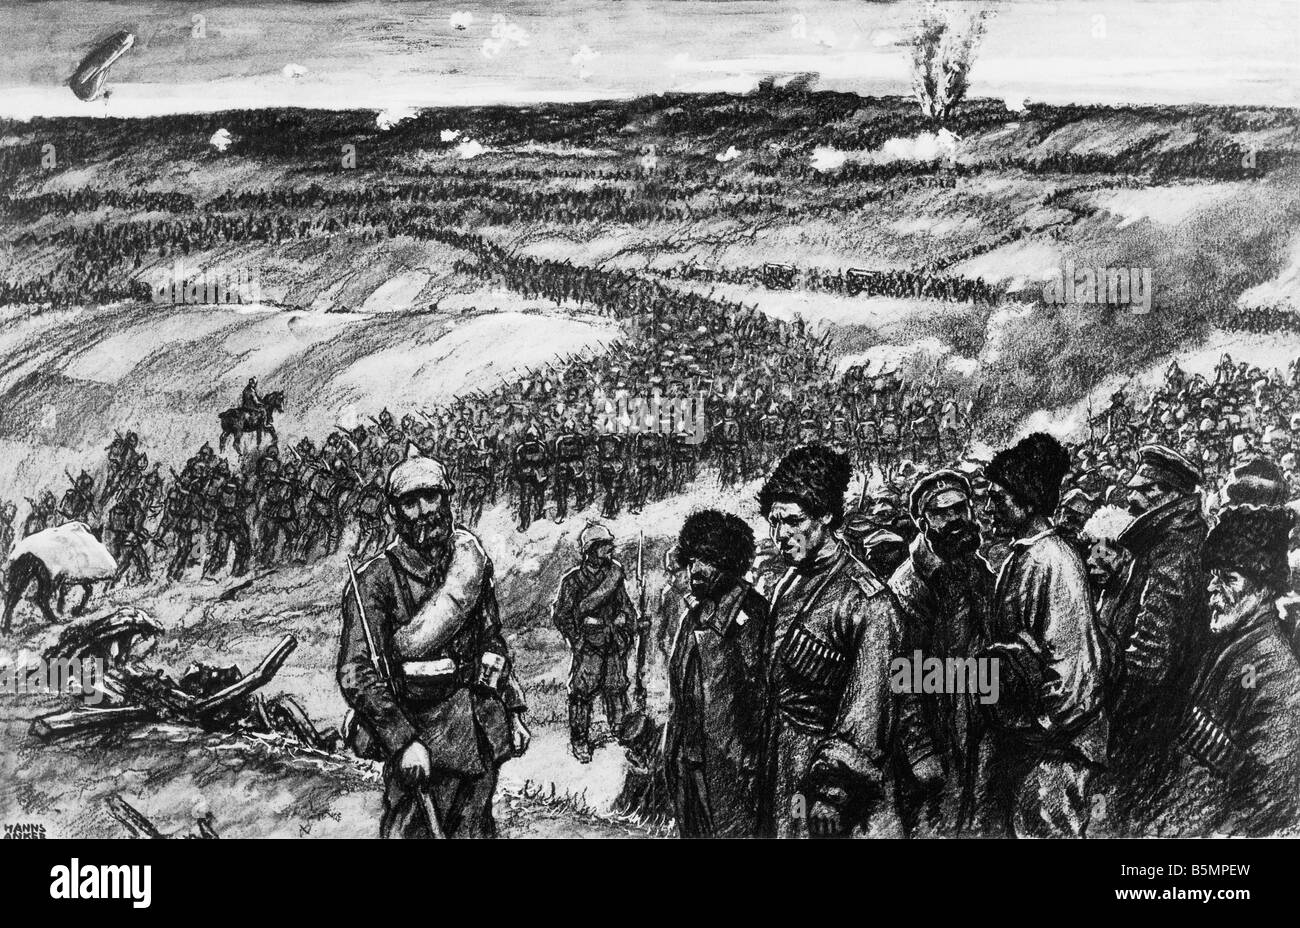 9 1914 8 26 A1 3 Schlacht von Tannenberg Anker 1. Weltkrieg östlichen vorderen Schlacht von Tannenberg Masuren Ostpreußen vom 26 bis 30 t Stockfoto